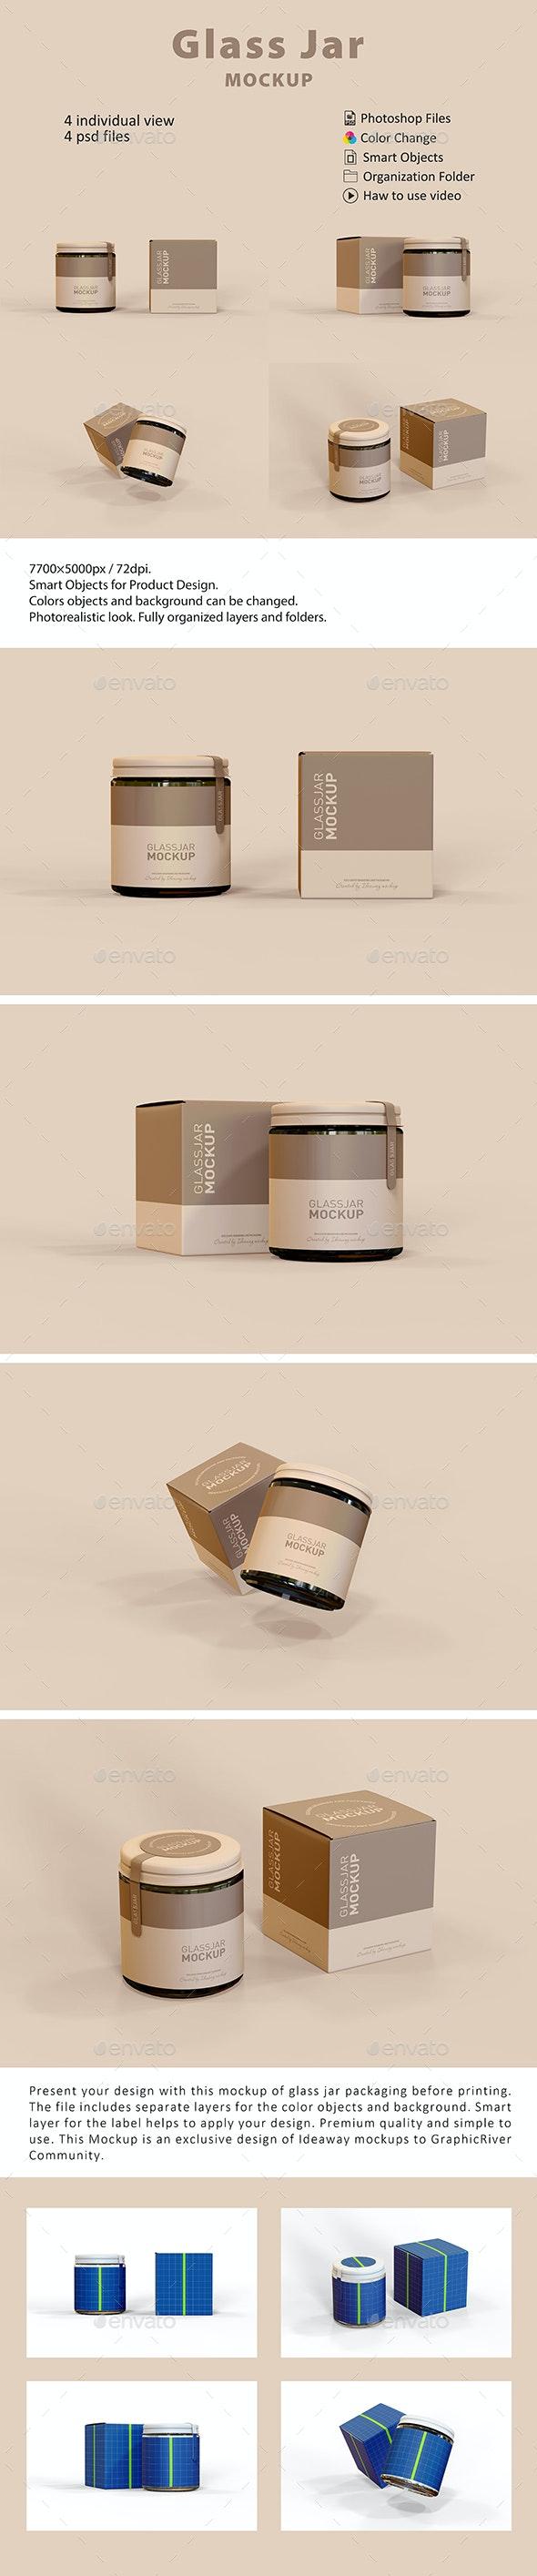 Glass Jar Packaging Mockup - Beauty Packaging